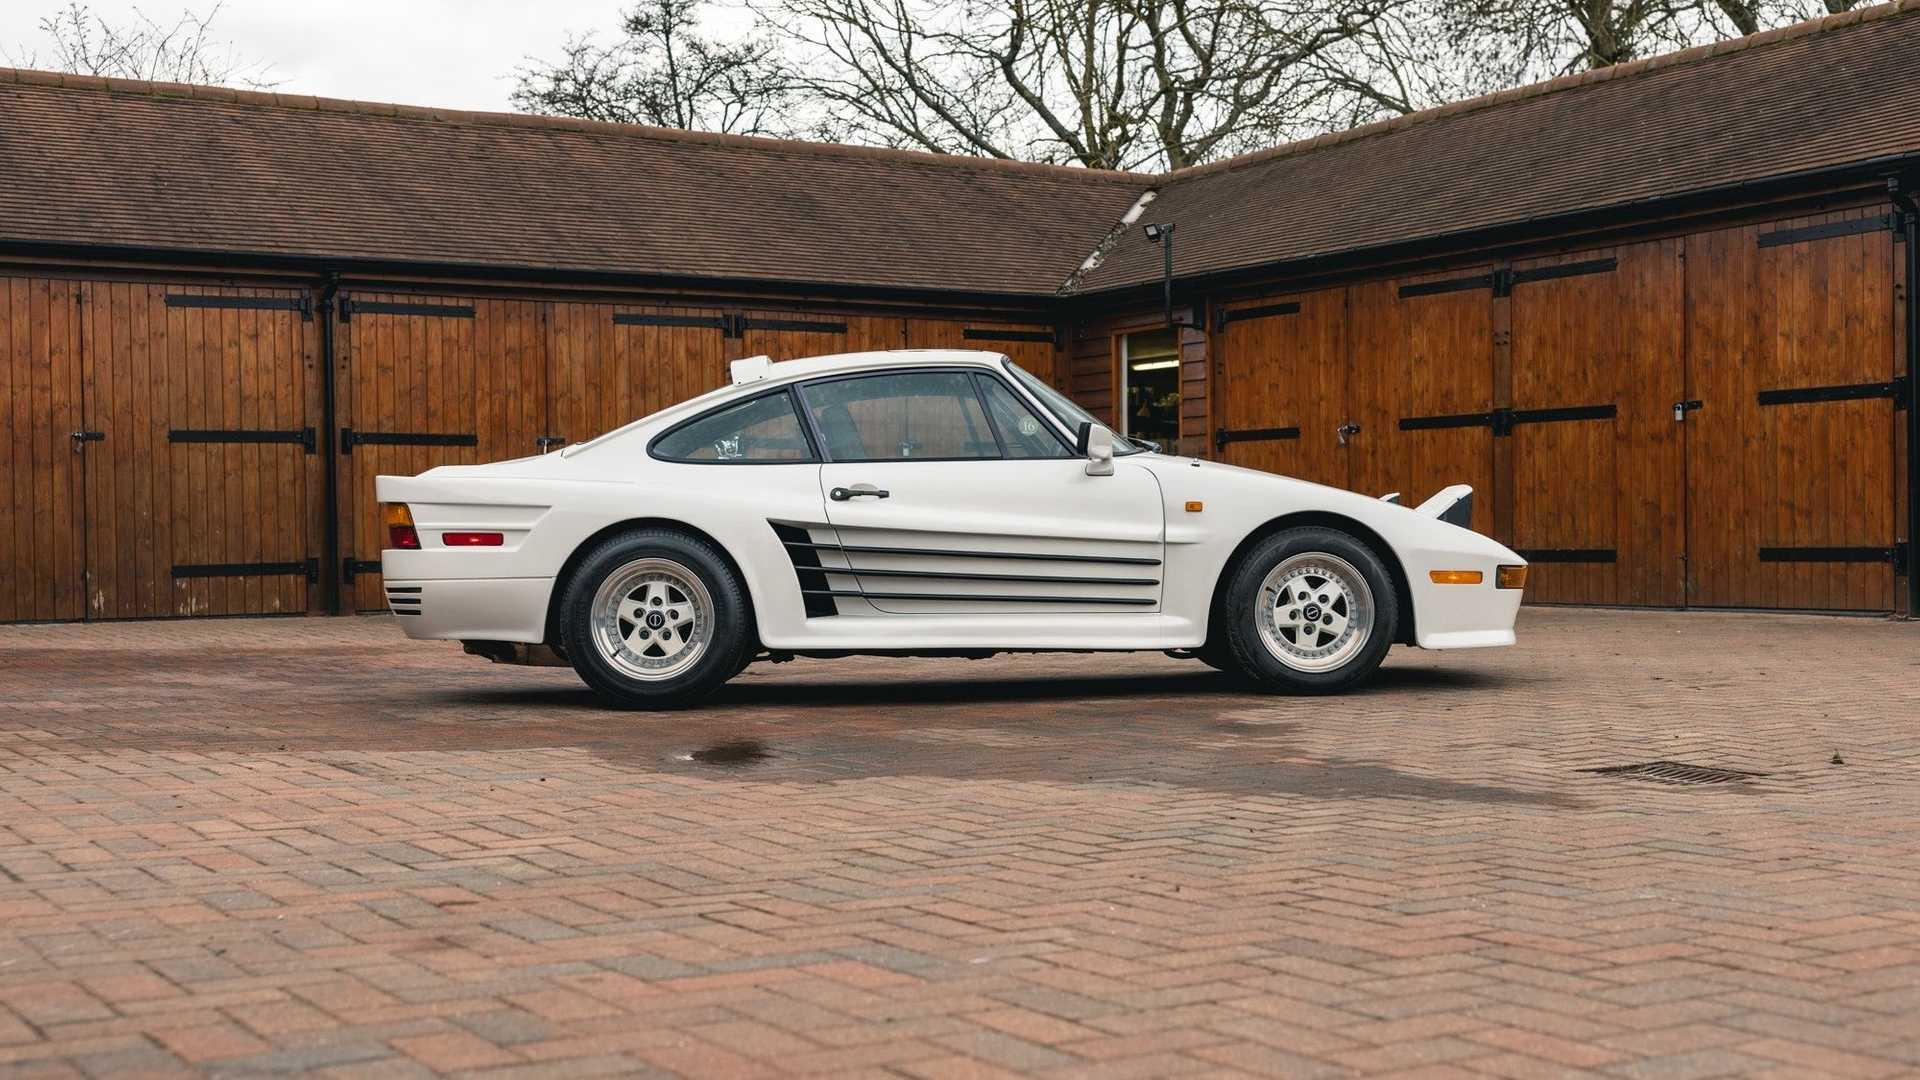 Porsche-911-930-Turbo-Rinspeed-R69-for-sale-4